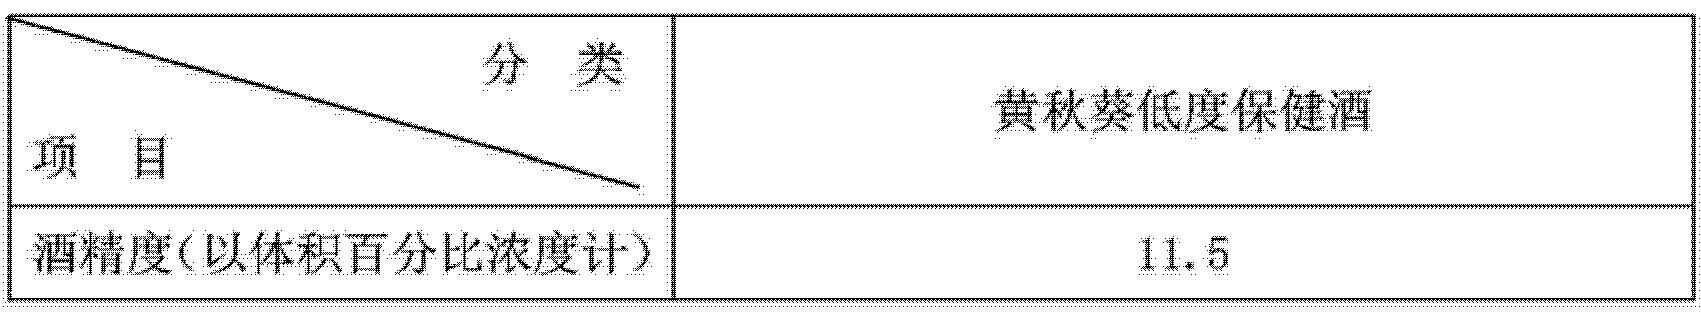 Figure CN103045429BD00082